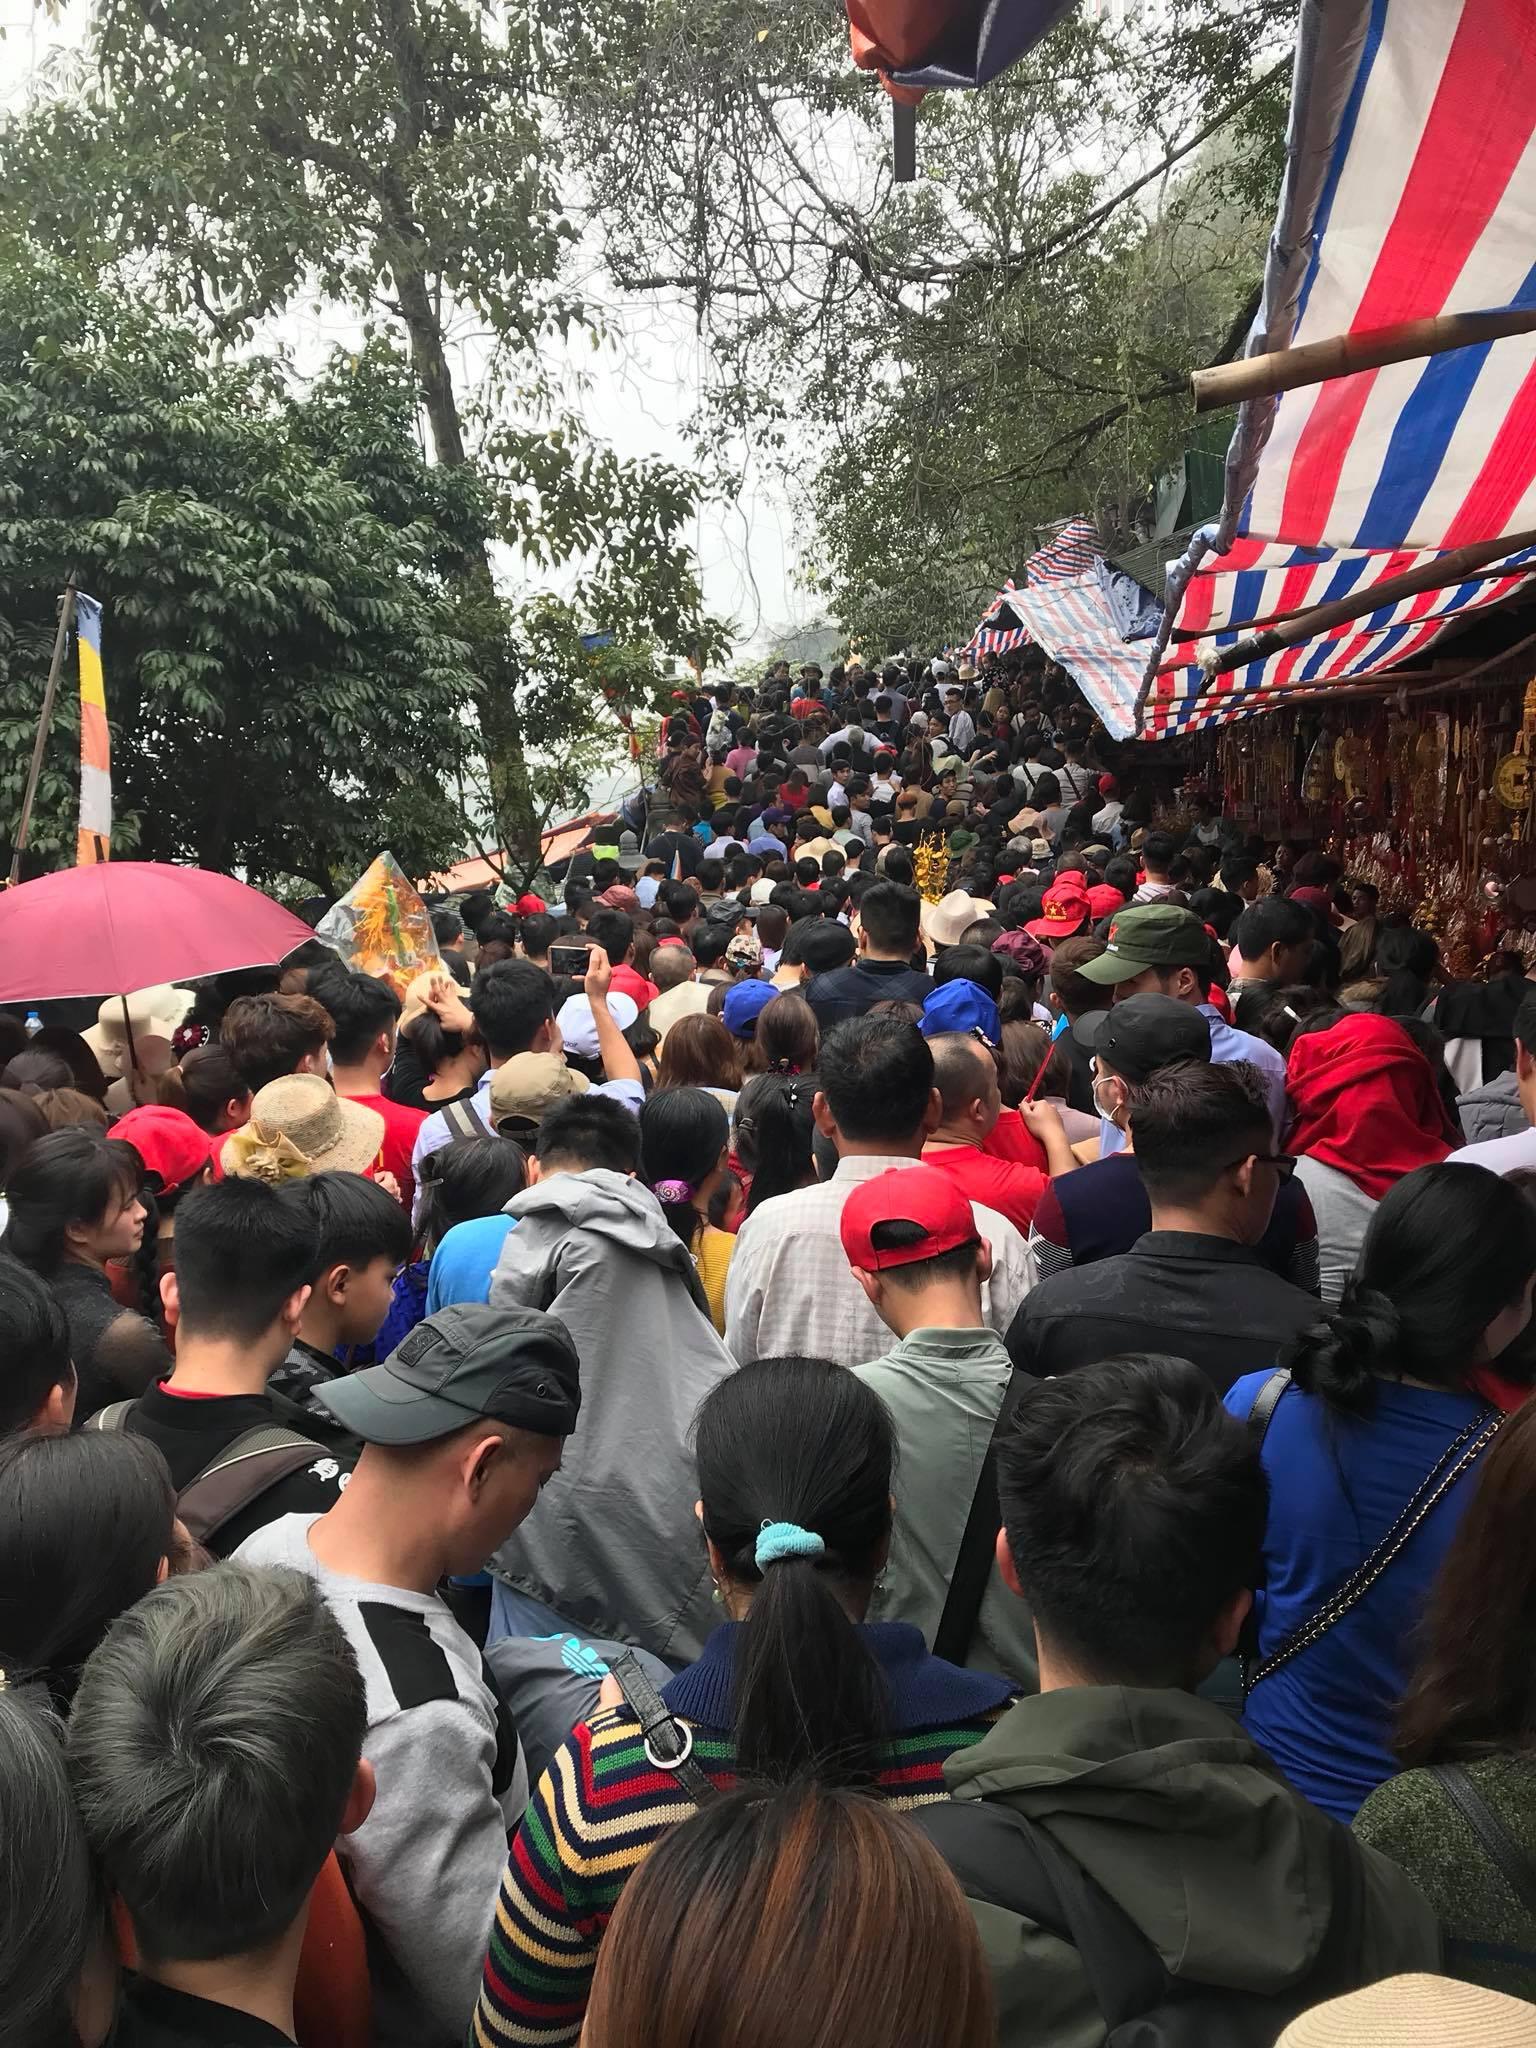 Kết quả hình ảnh cho lễ hội chùa hương dâng hương